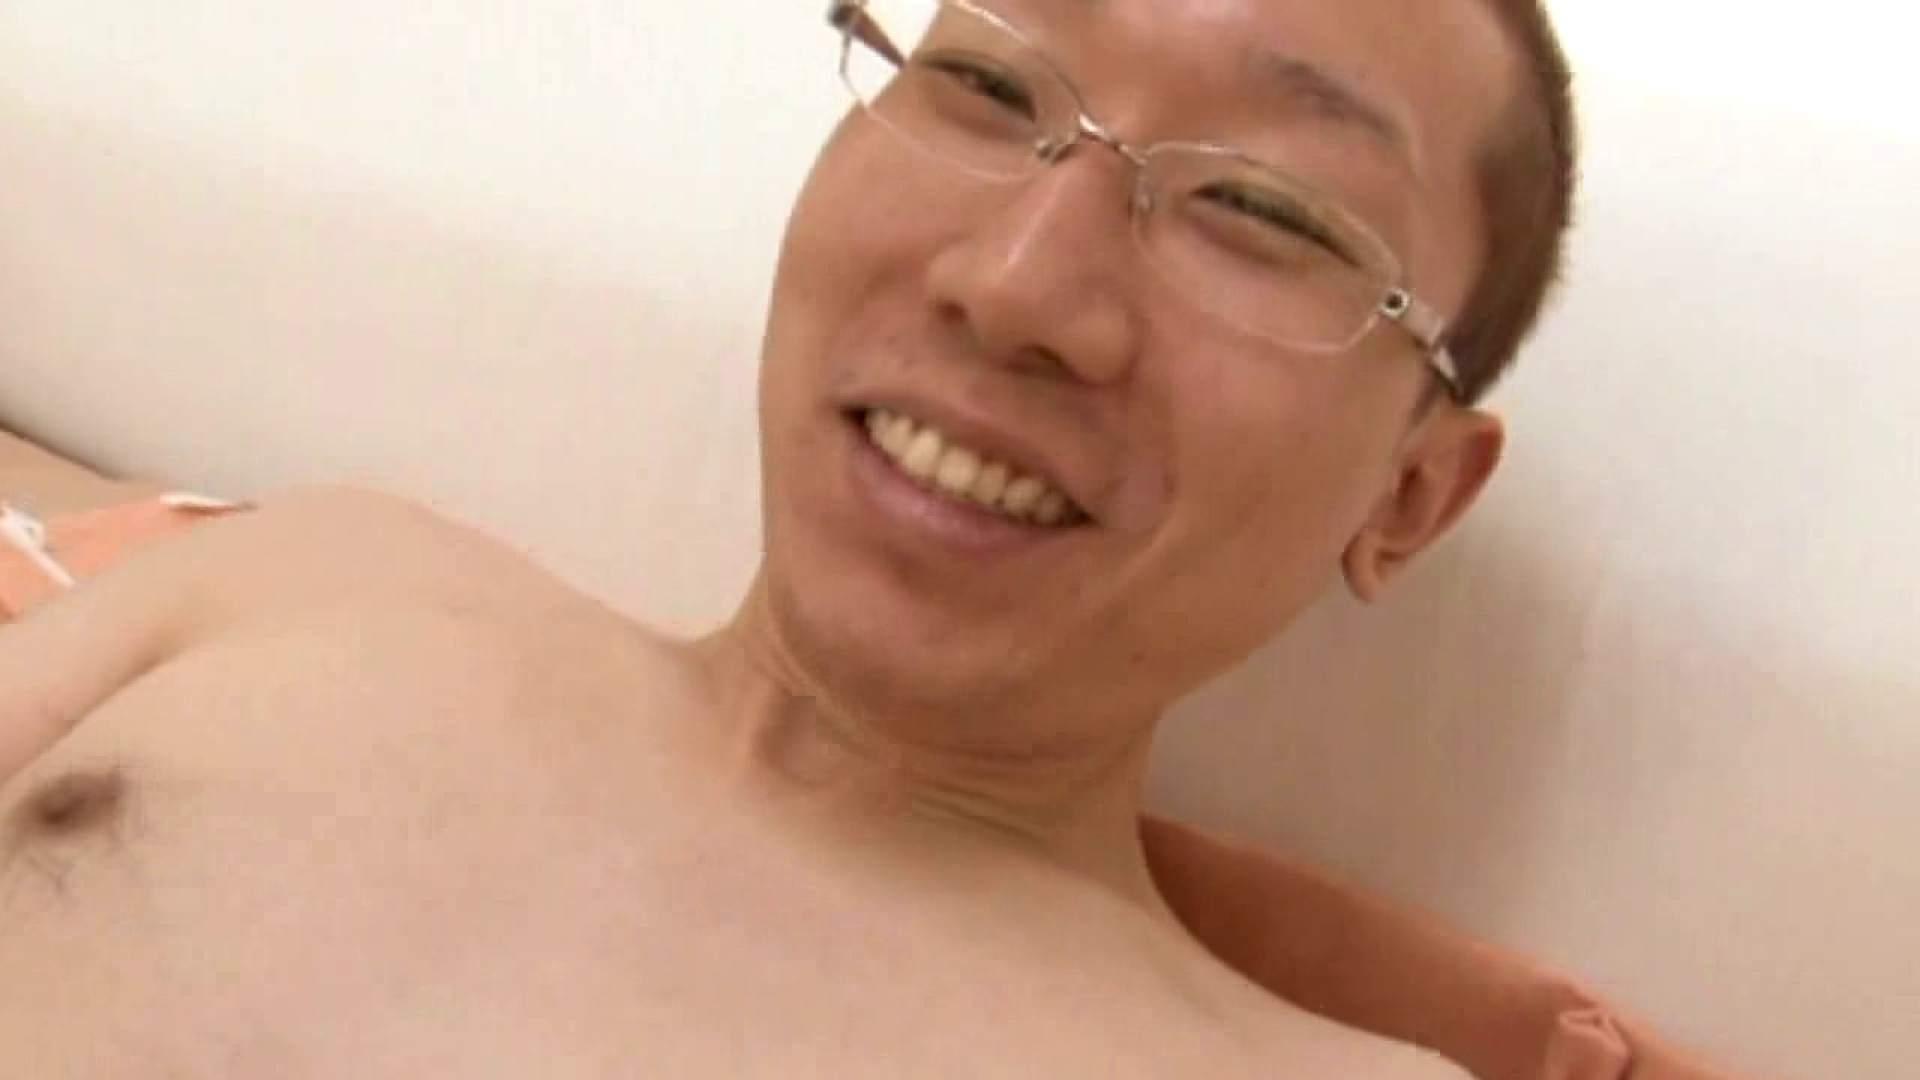 ノンケ!自慰スタジオ No.01 ゲイのオナニー映像 ゲイ無修正ビデオ画像 87枚 17